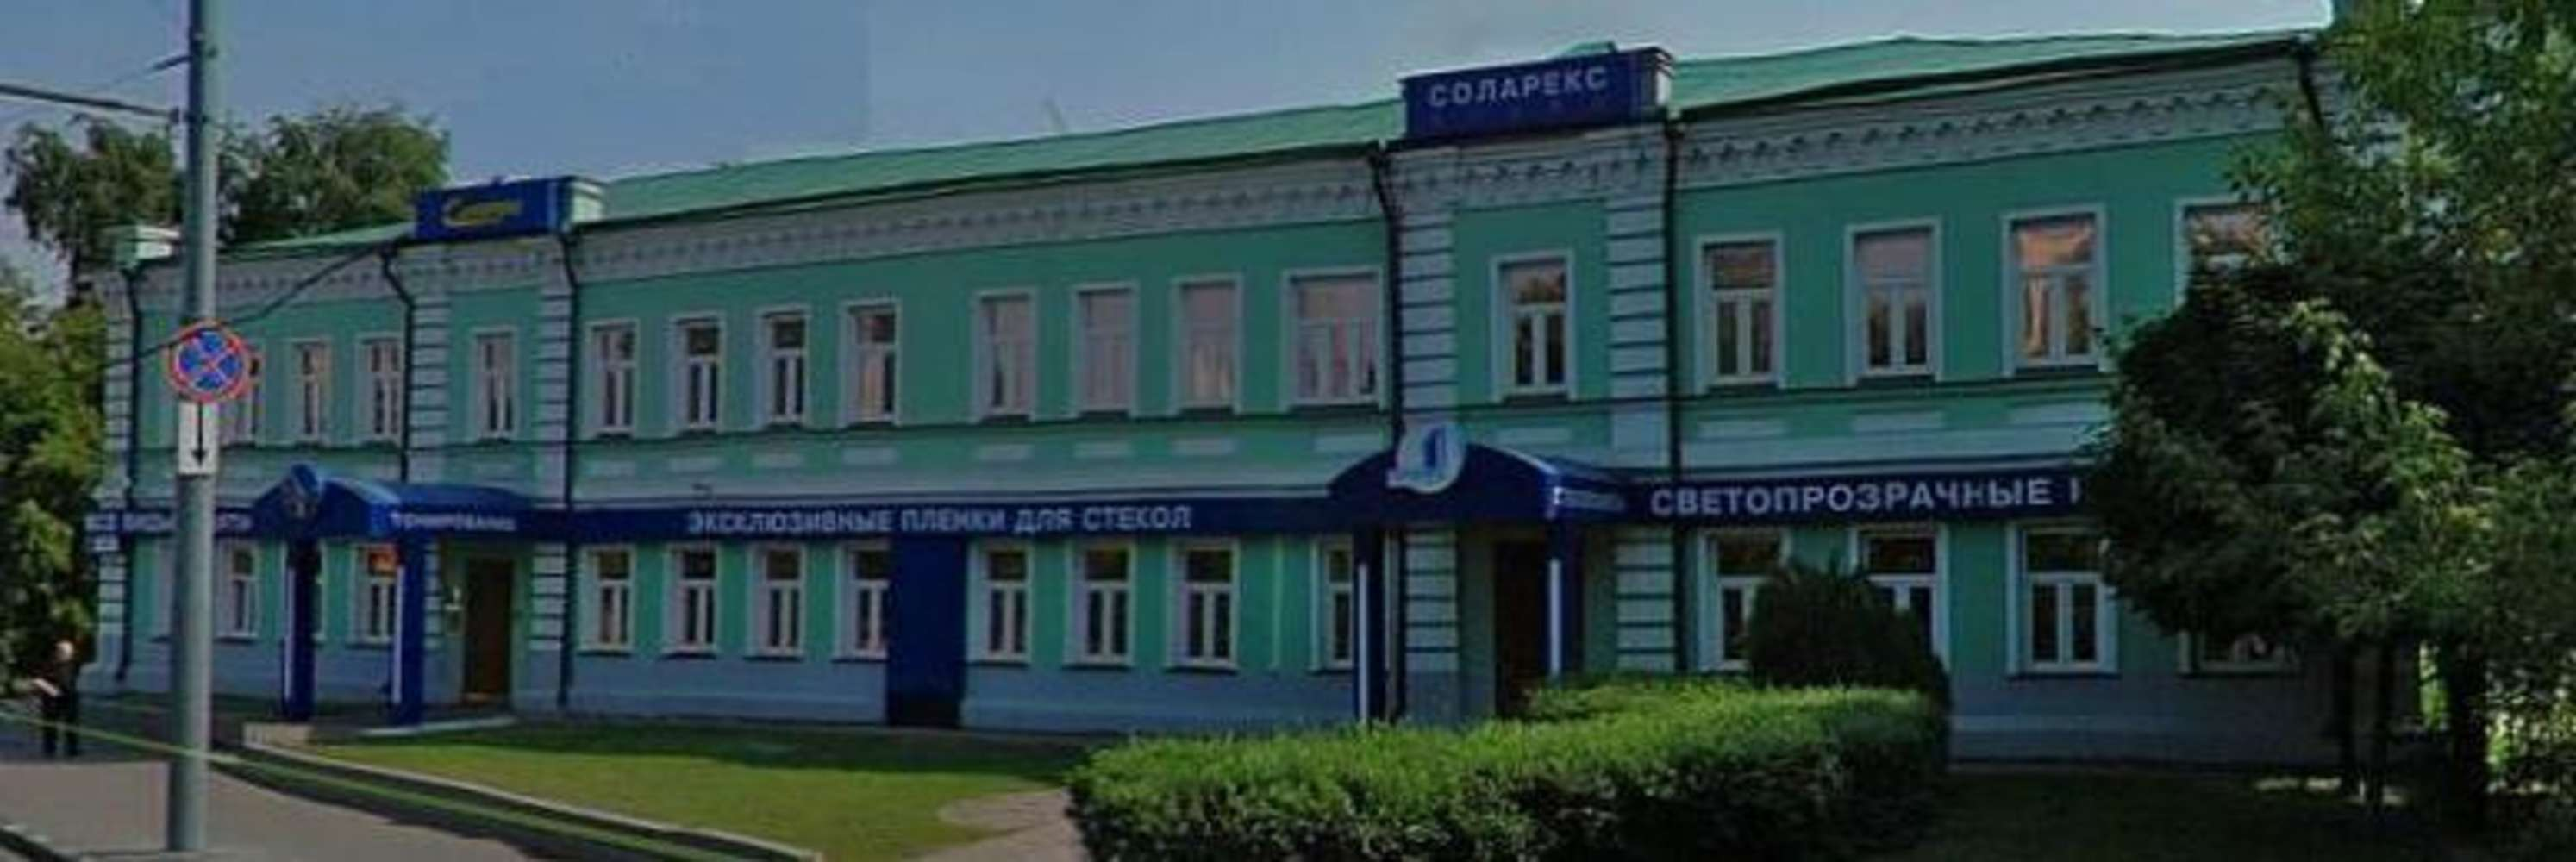 Офисная недвижимость Москва,  - Бол. Серпуховская ул. 5 - 6